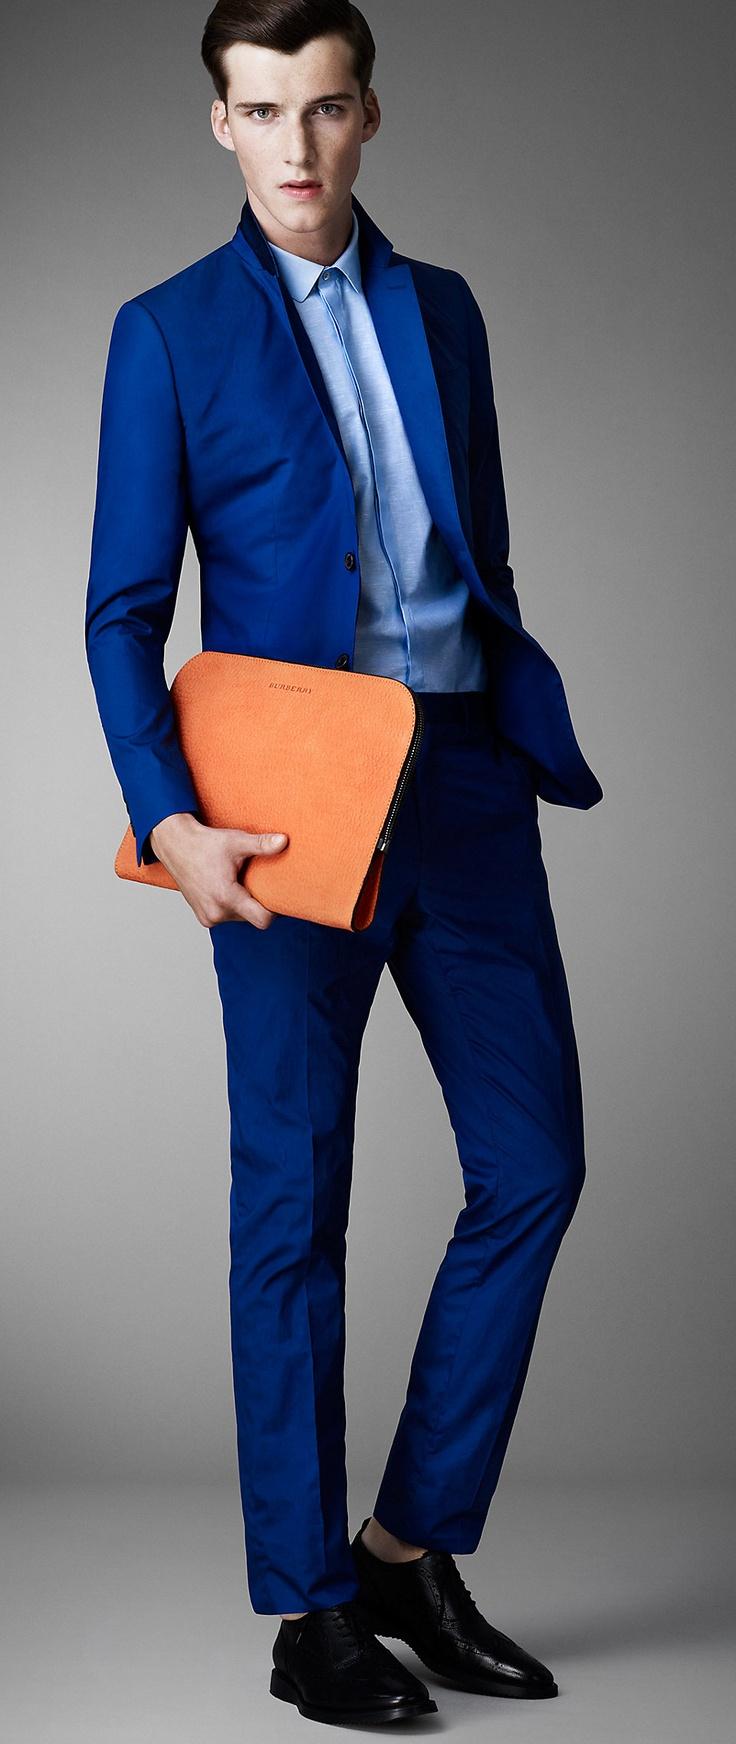 5 мужская мода стильные мужчины men in blue 17